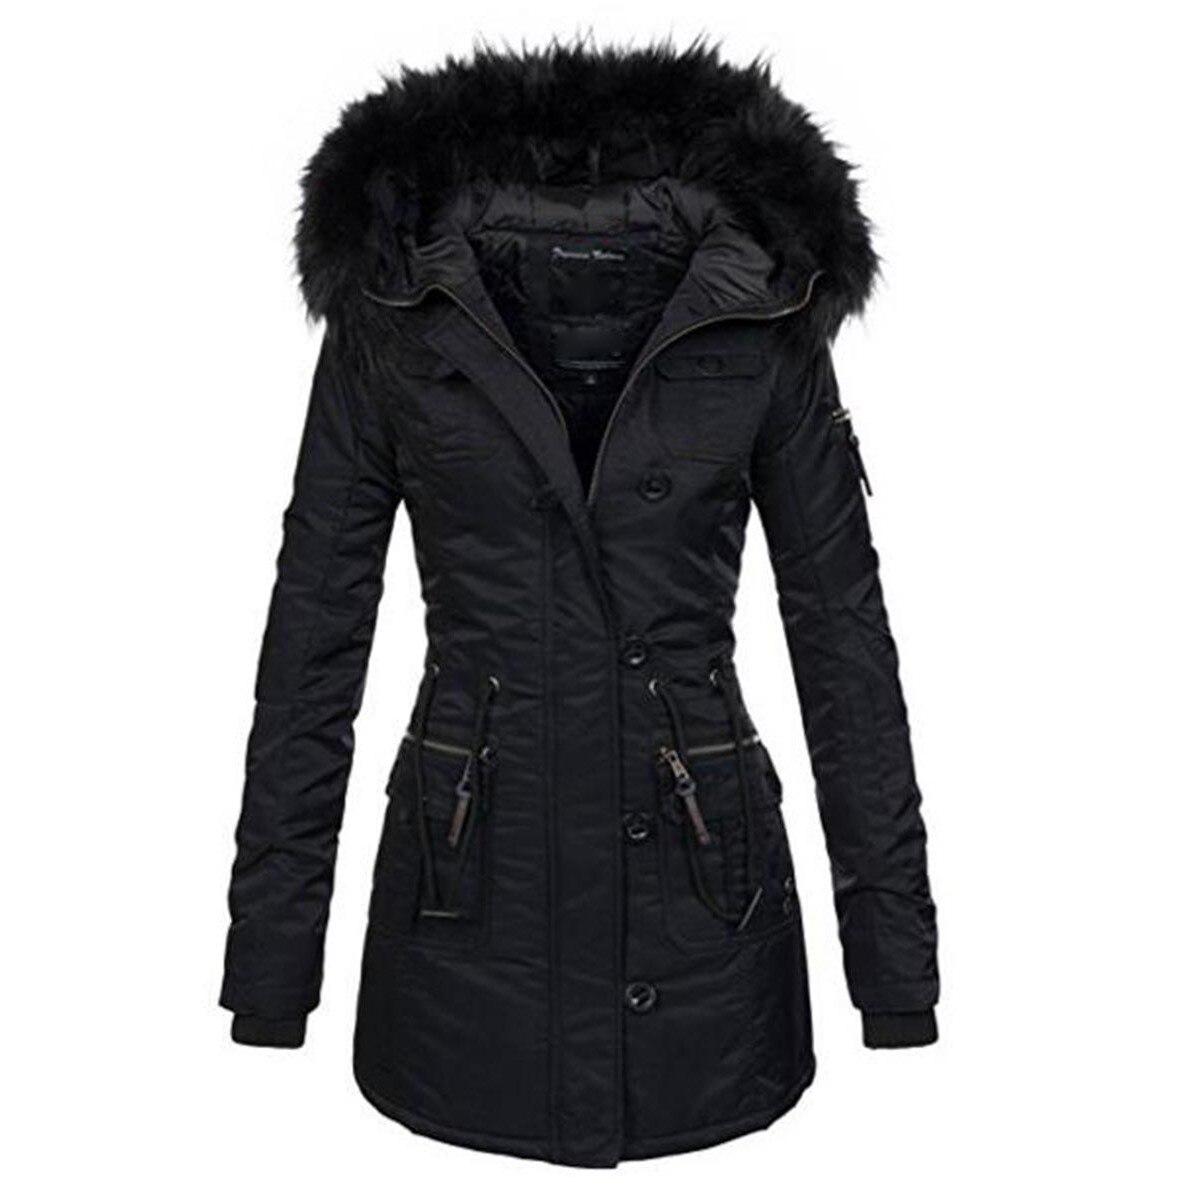 Готический для женщин зимние утепленные хлопковые пальто длинные черные искусственный мех парки с капюшоном тонкий карман на молни